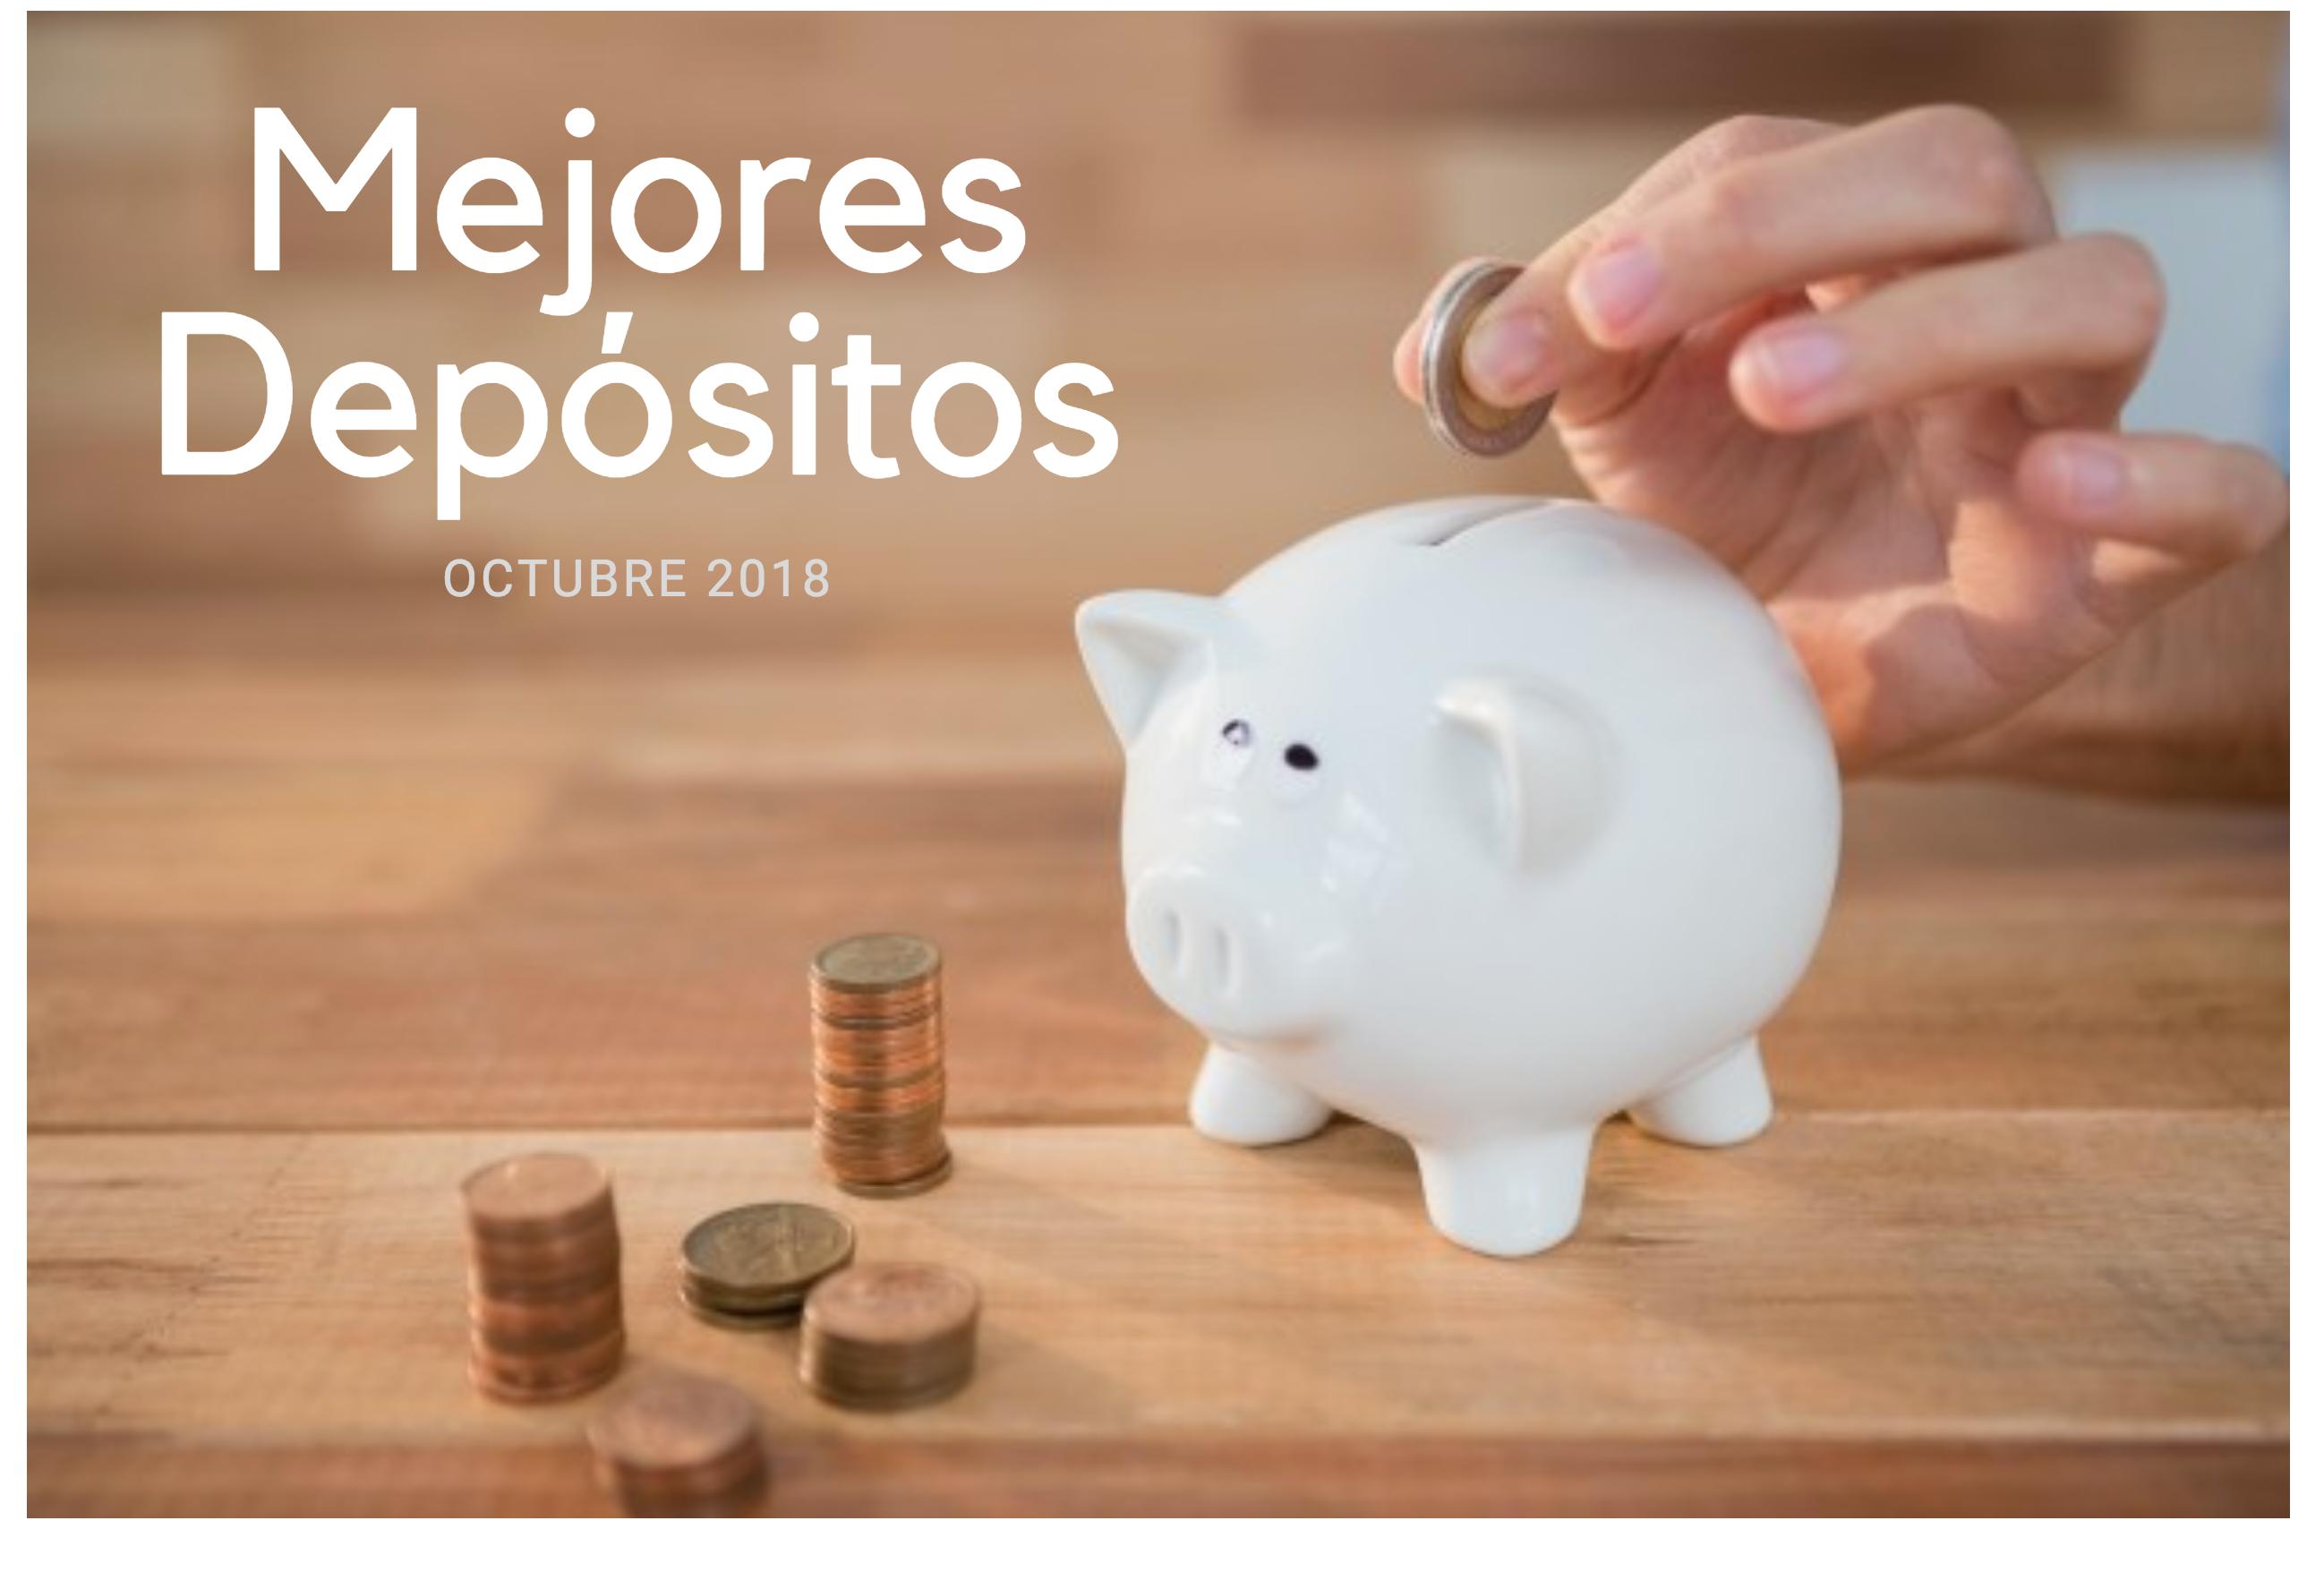 mejores depósitos octubre 2018